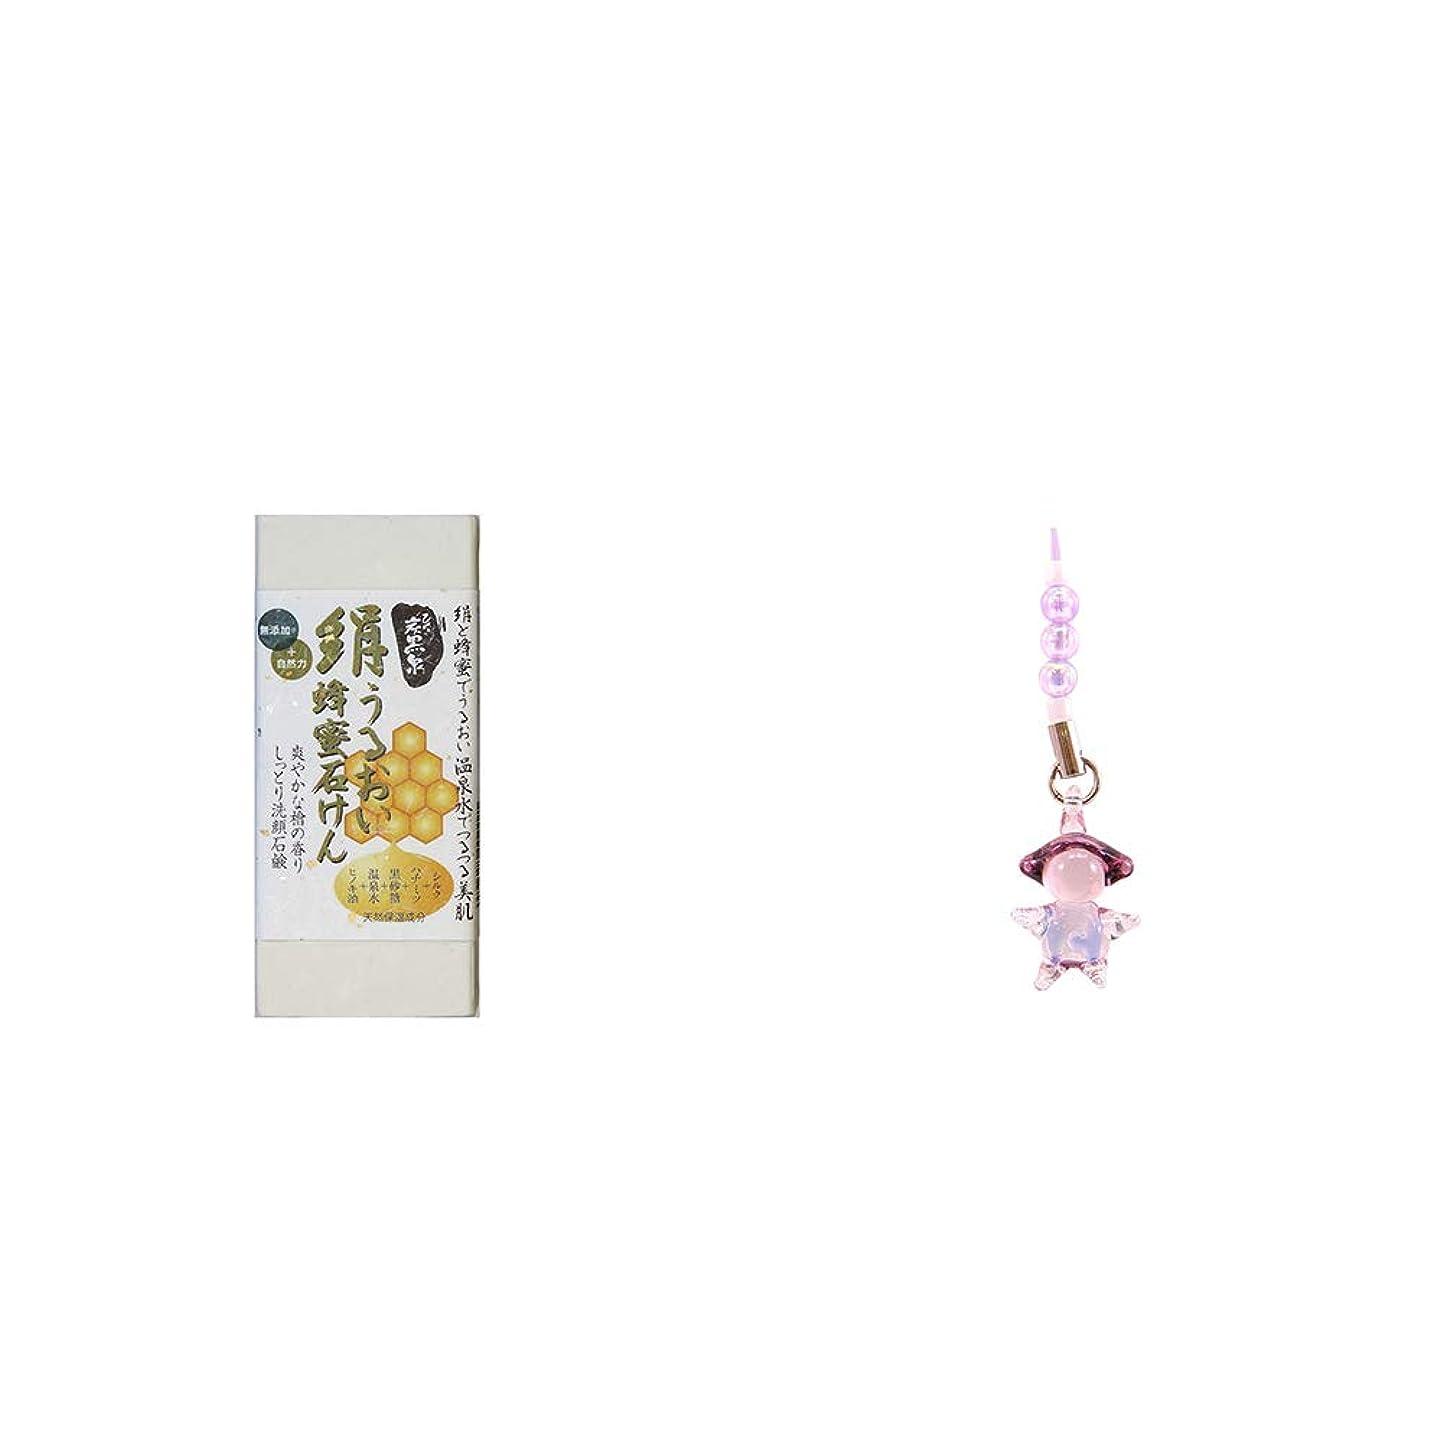 クラブシェトランド諸島ほのか[2点セット] ひのき炭黒泉 絹うるおい蜂蜜石けん(75g×2)?ガラスのさるぼぼ 手作りキーホルダー 【紫】 /出世運?健やかな長寿祈願?トップを目指す?魔除け//